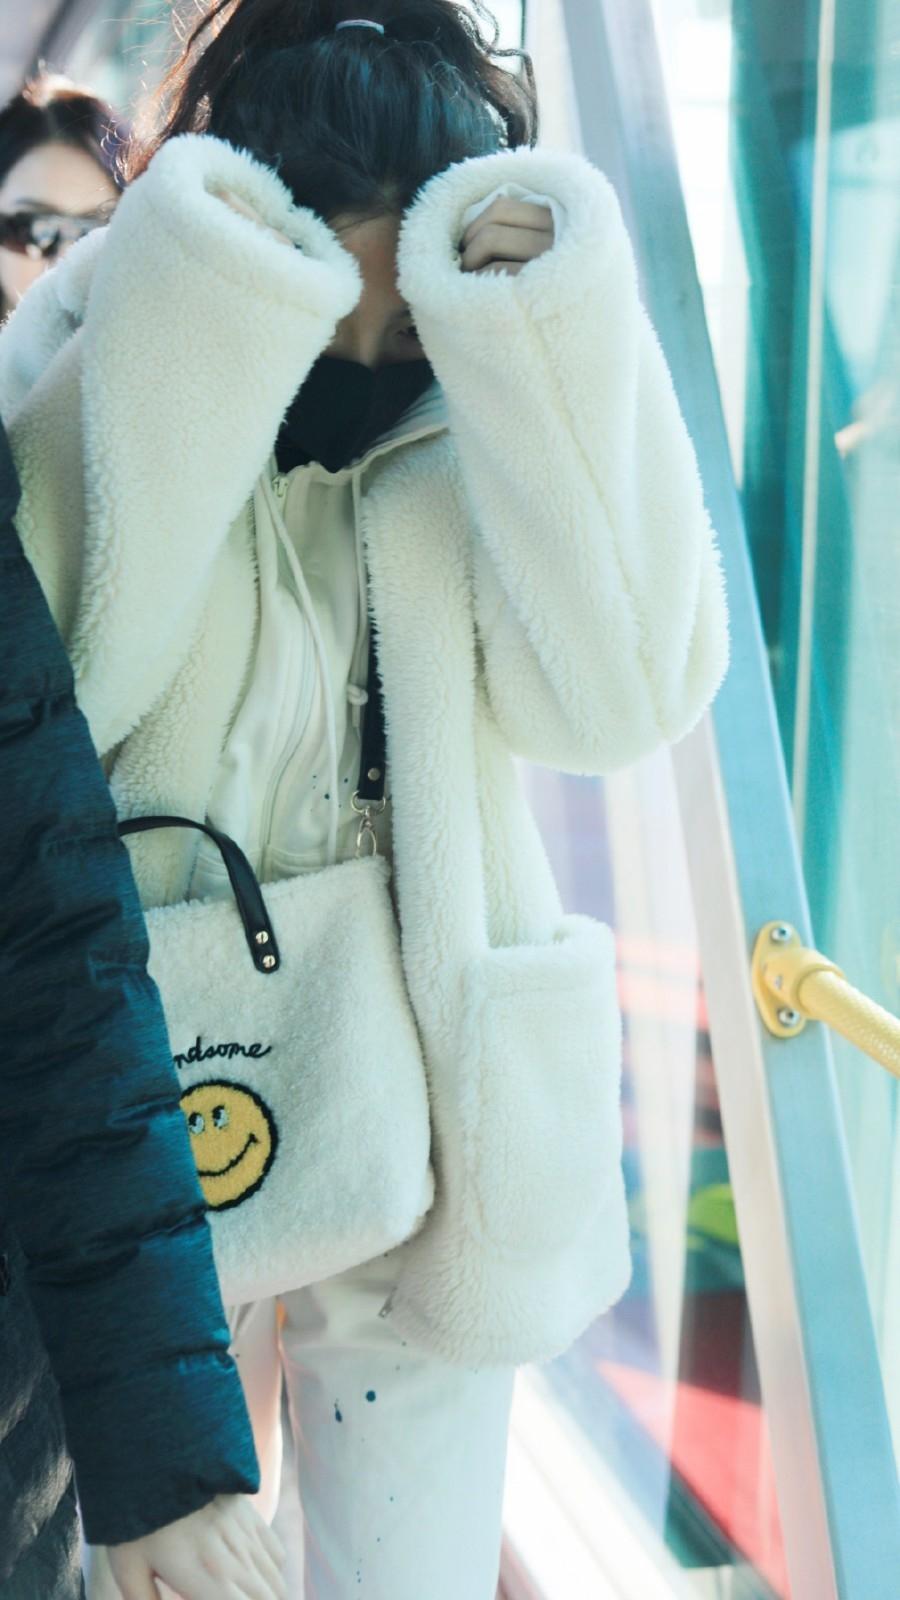 """杨超越怕不是个""""谐星"""",白色保暖穿搭现身机场,抱头走有点搞笑"""